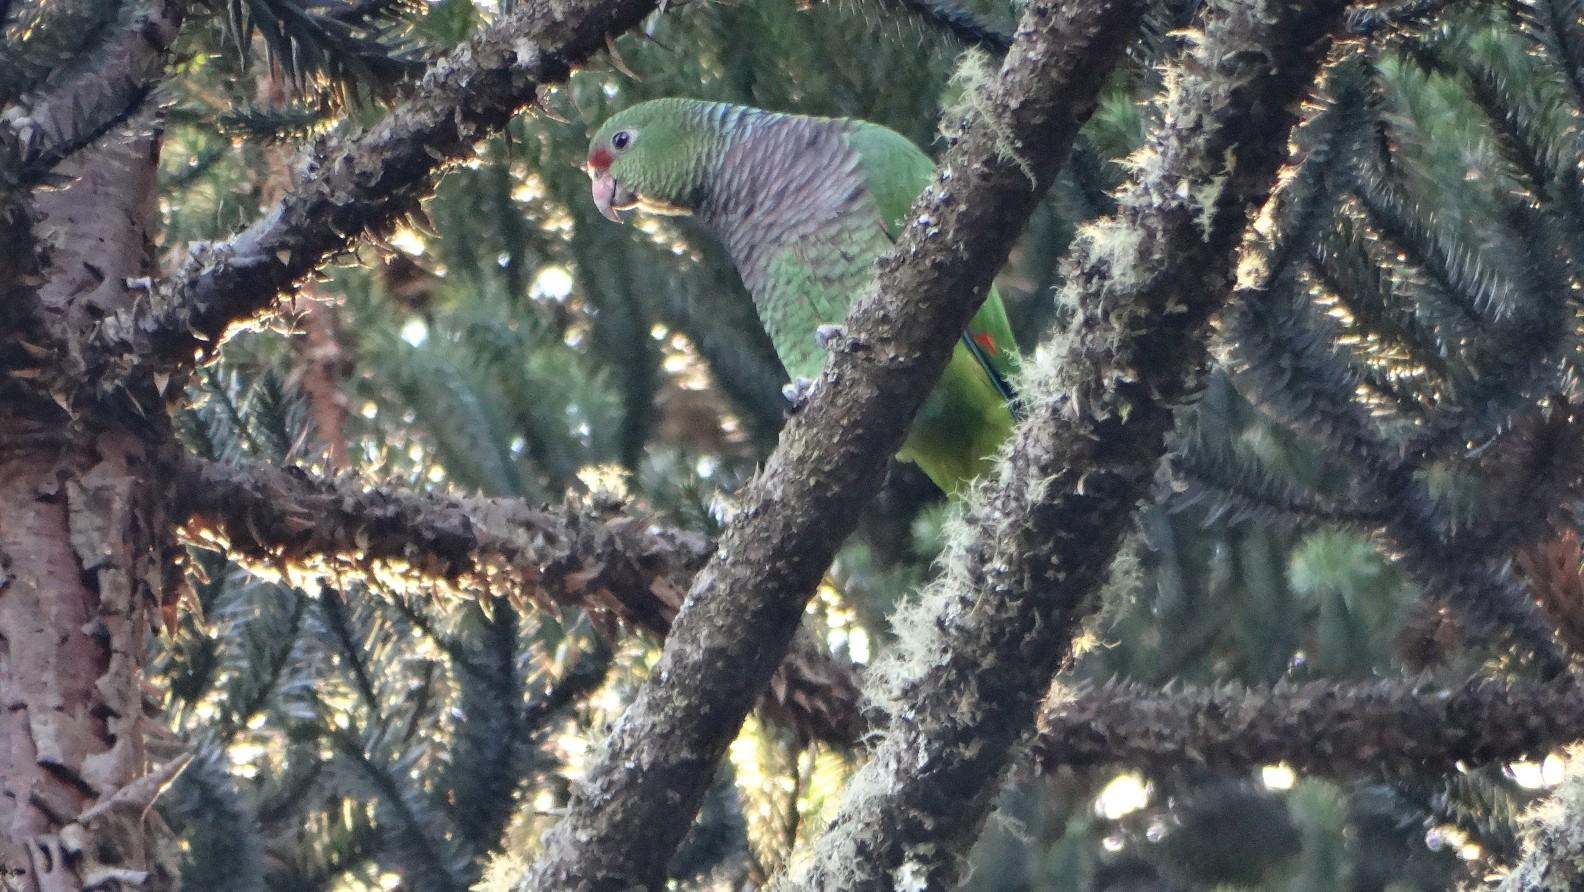 RPPN Papagaios de Altitude - Vanessa Bortoncello